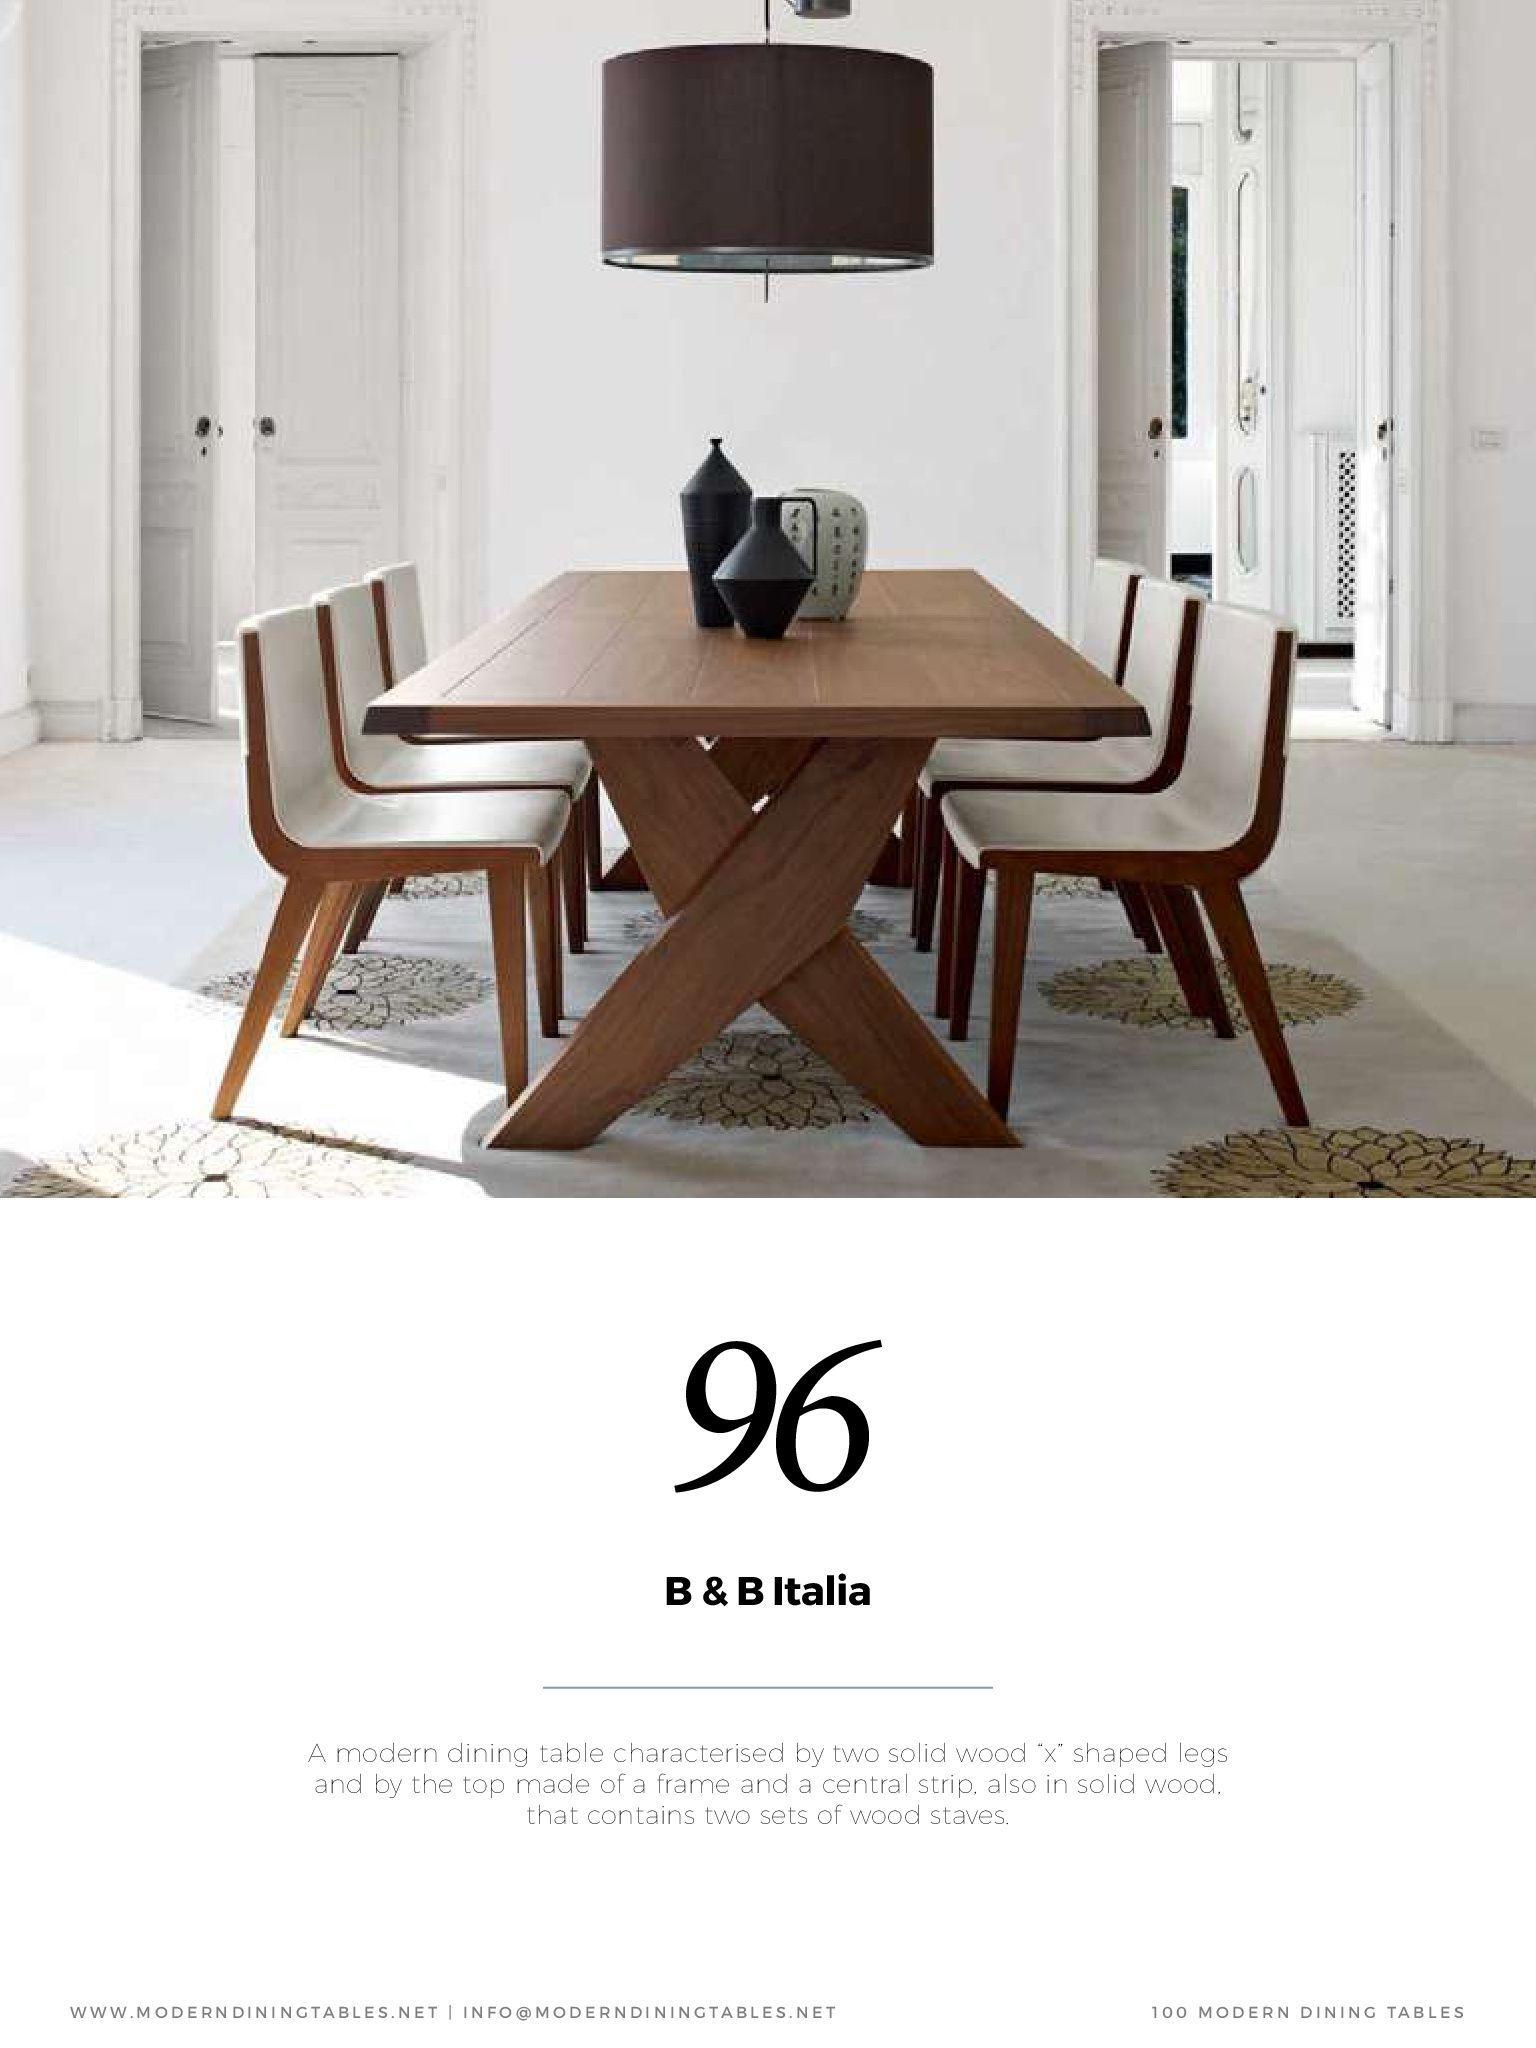 Pin By David Meneces On Tv Moderno: Progetti E Prodotti Di Philippe Starck, Marcel Wanders